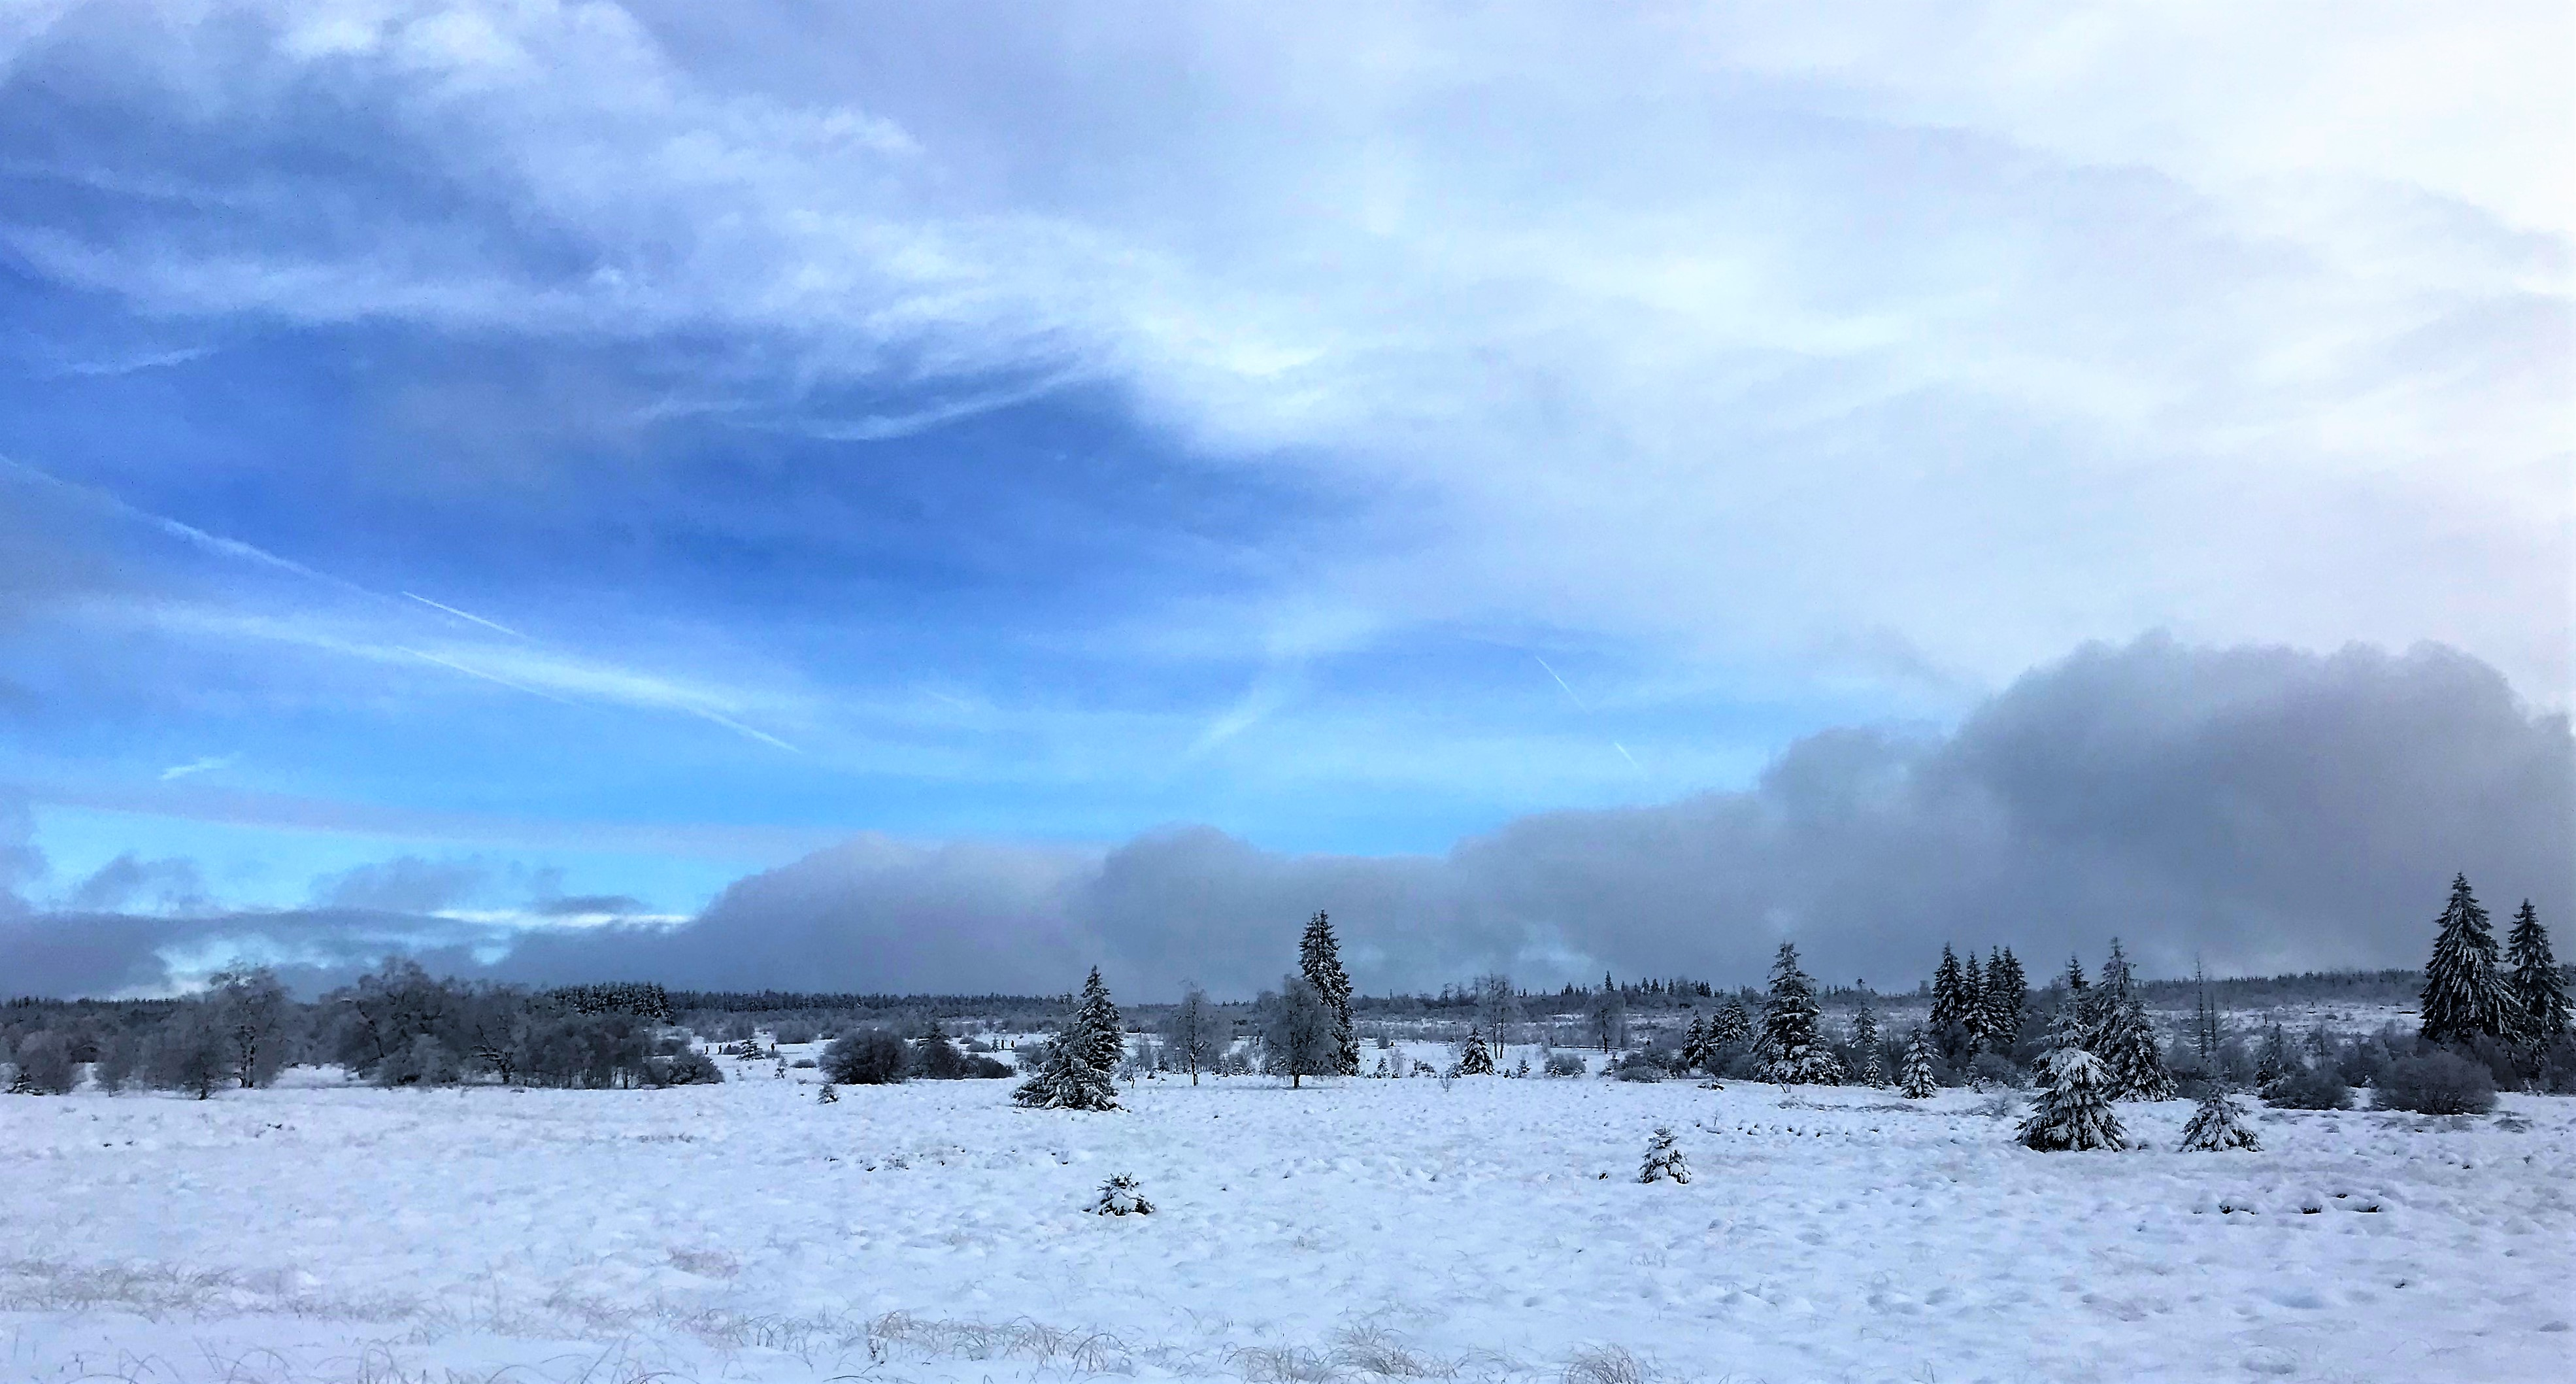 oostkantons, sneeuw, toerist in eigen land